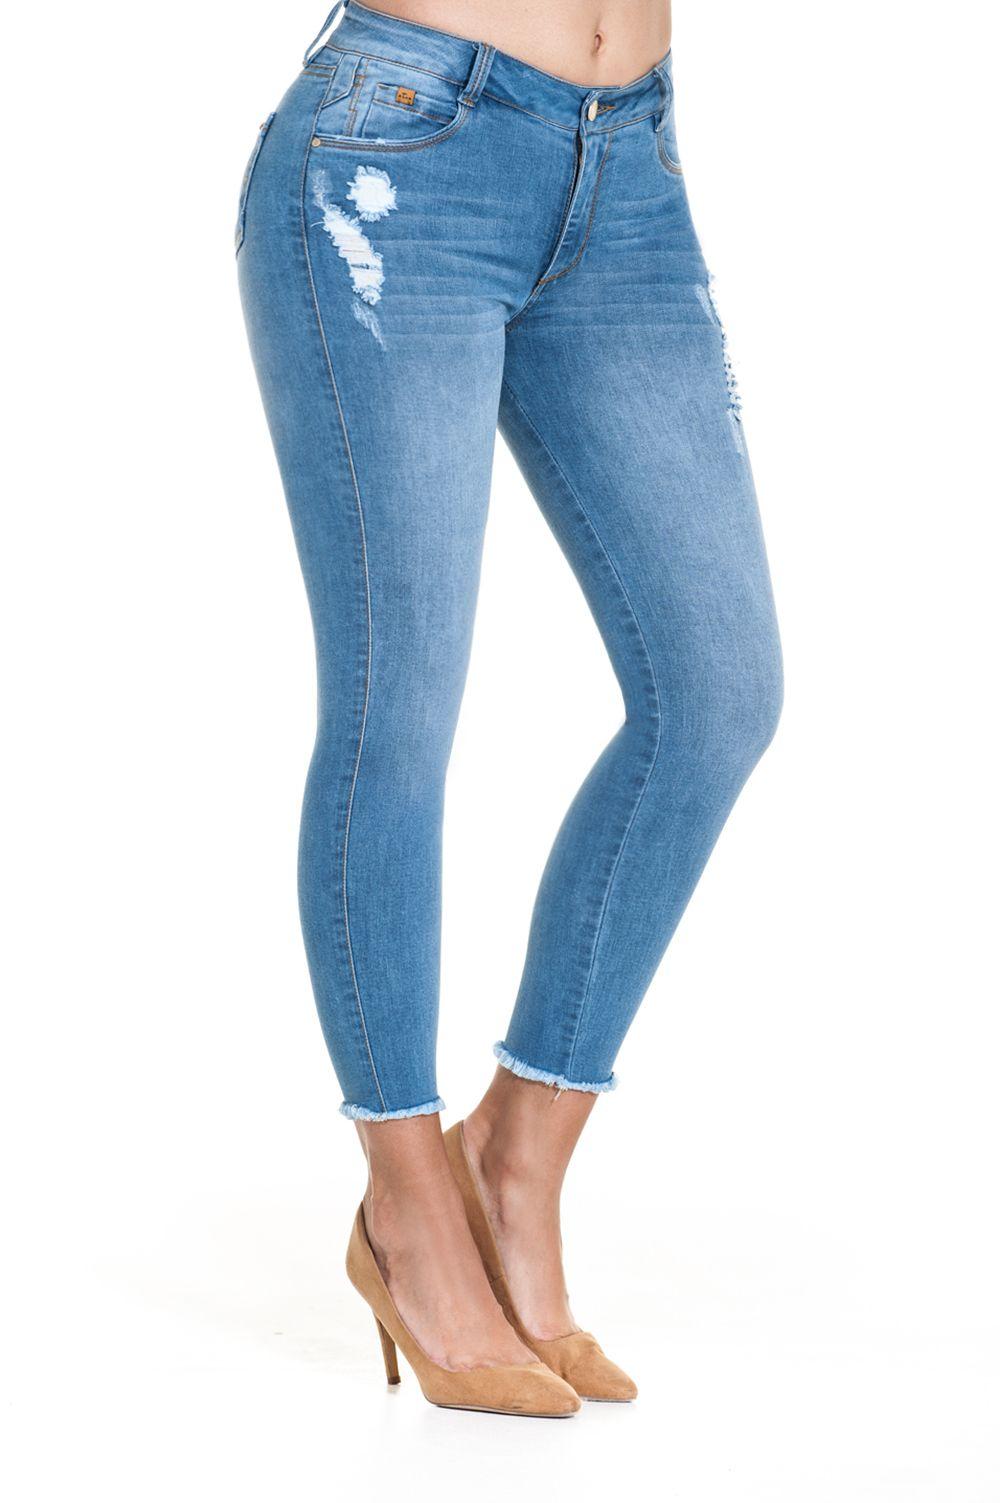 Jean Tiro Alto 5904 Pantalones De Moda Ropa De Moda Ropa